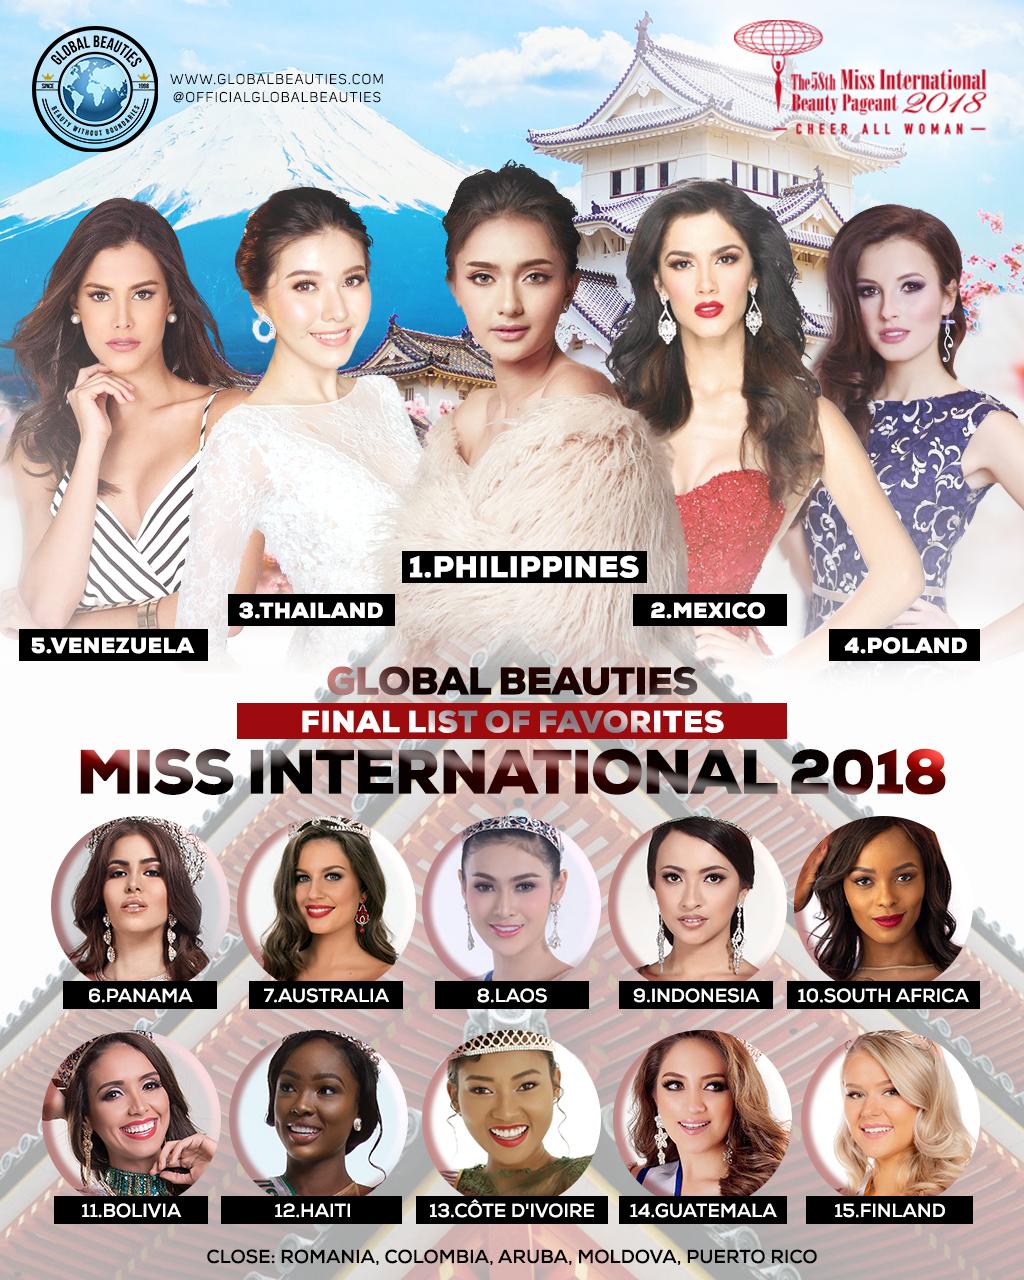 Susana Sanchez en miss international - Página 4 Miss+international+final+